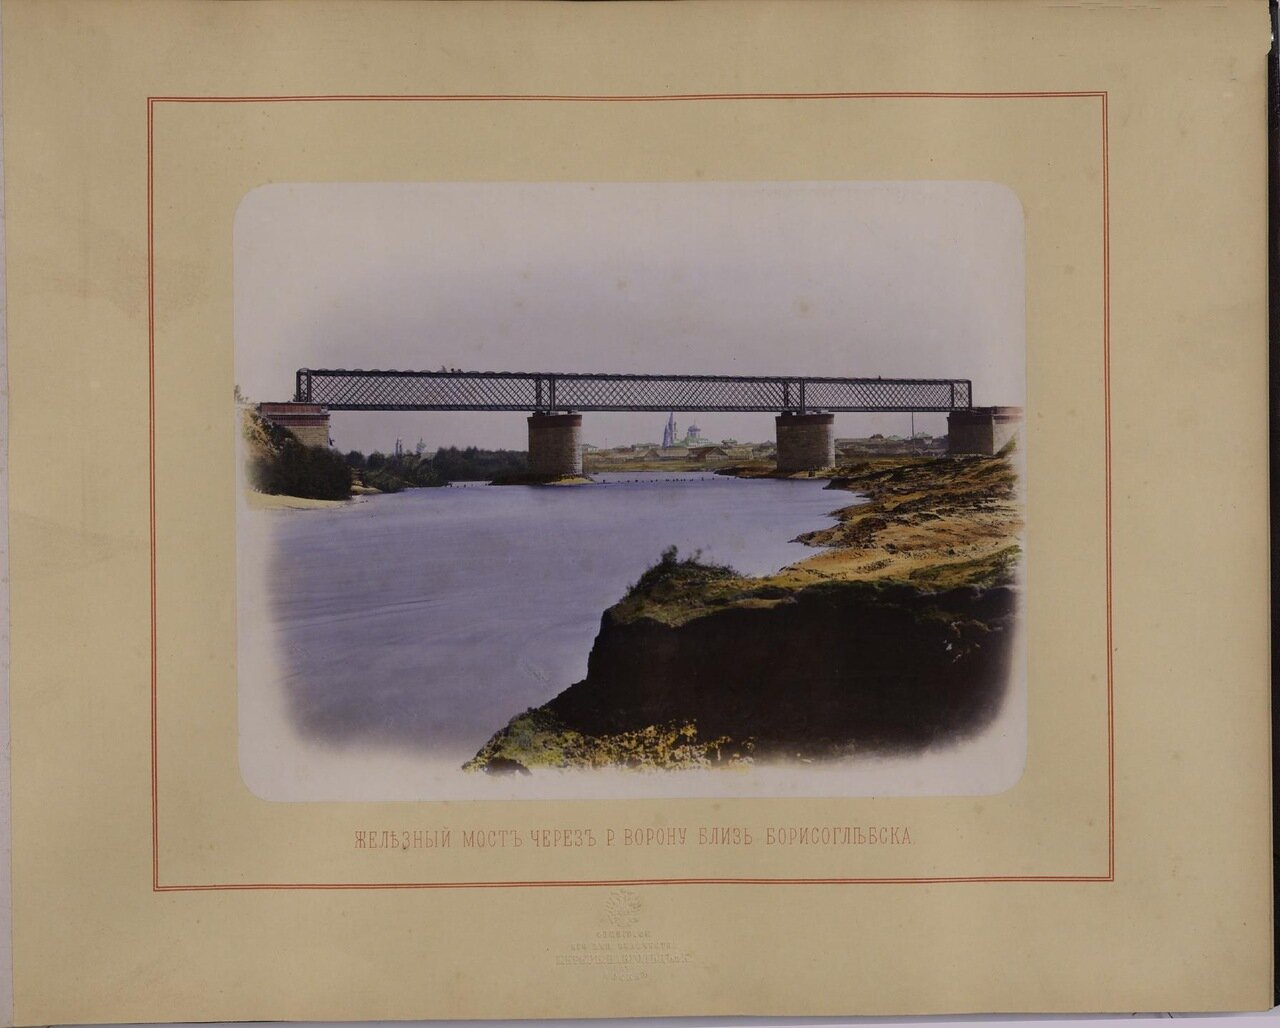 Железнодорожный мост через р.Ворону близ Борисоглебска.Ателье «Шерер и Набгольц». - 1869 г.